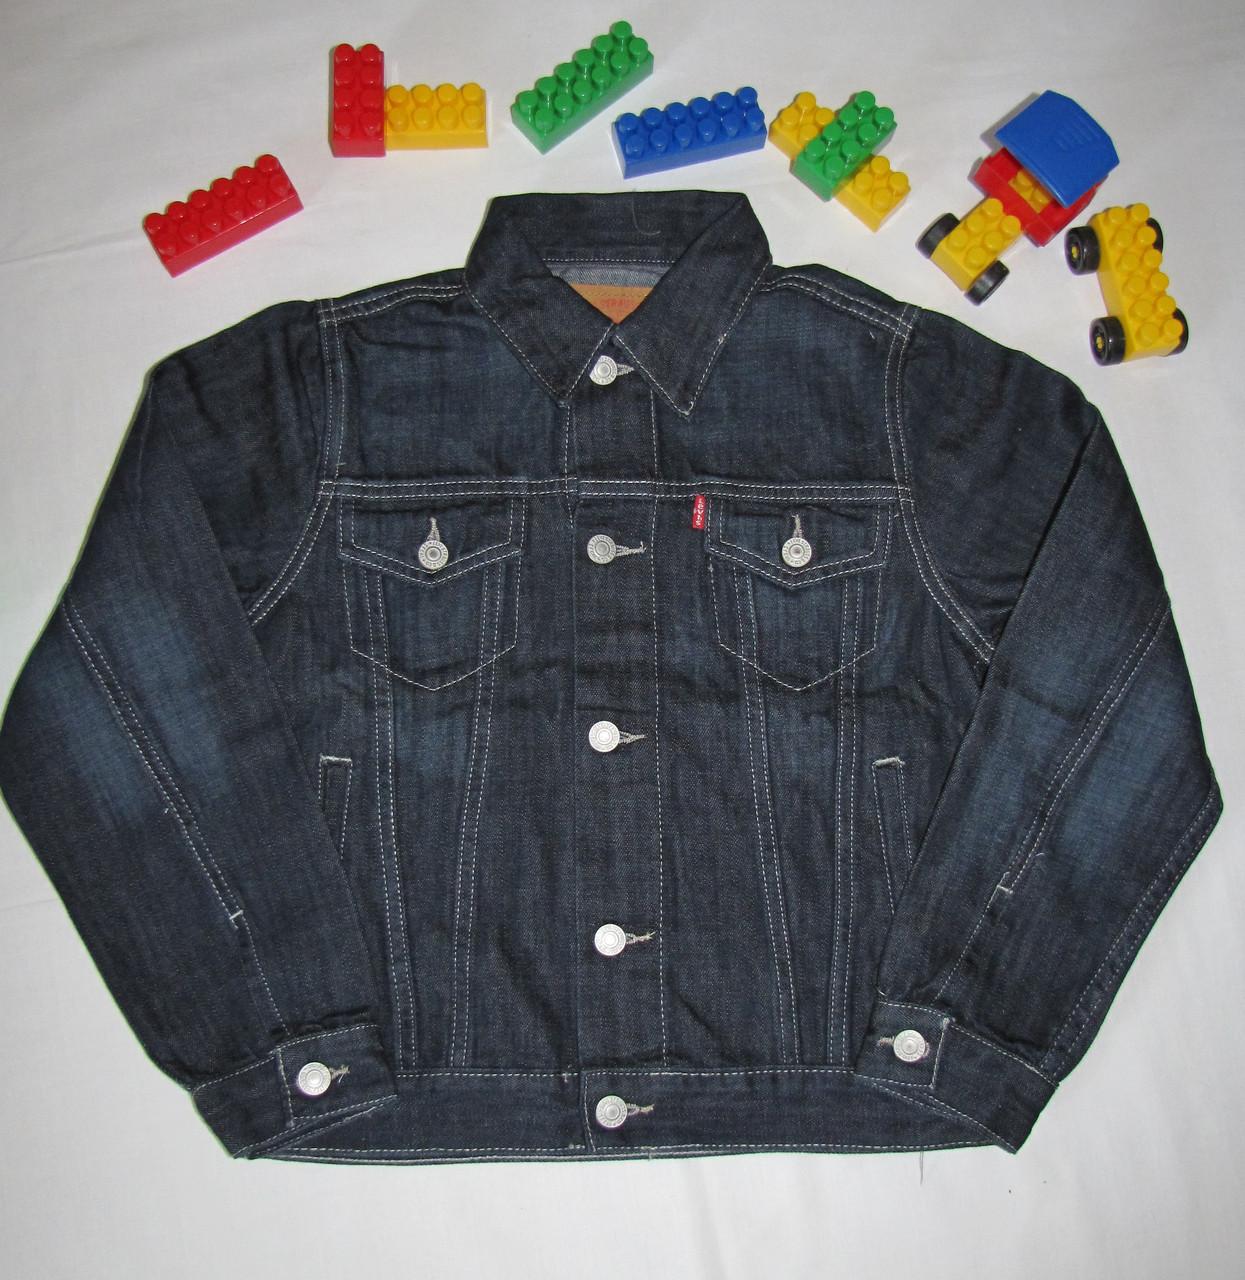 Джинсовая куртка Levi's оригинал рост 128 см черная 07024